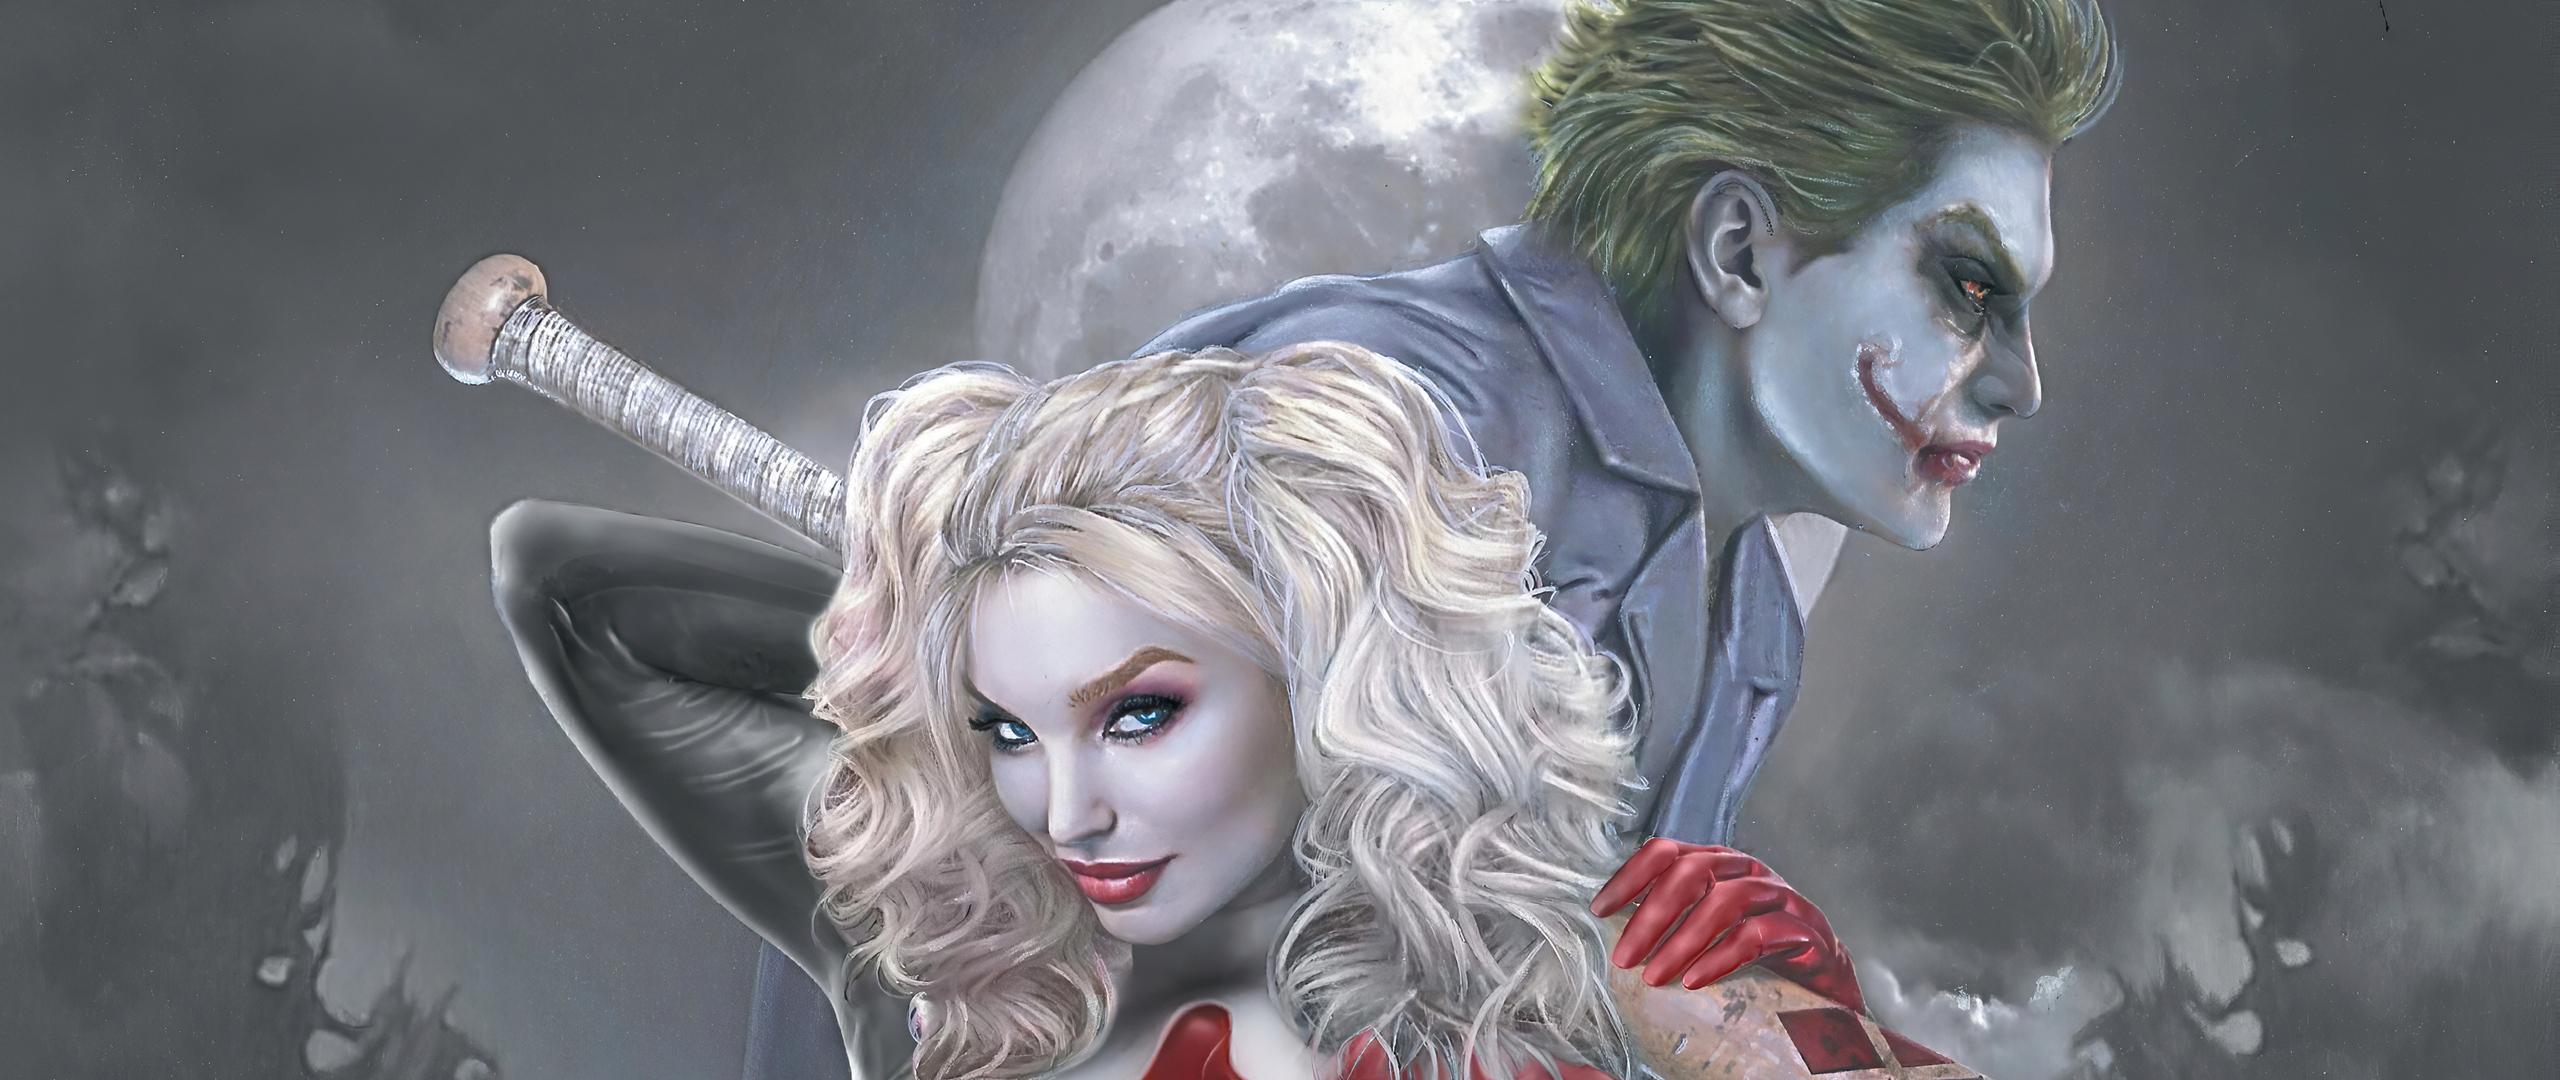 2560x1080 Joker And Harley Quinn 4k New 2560x1080 ...